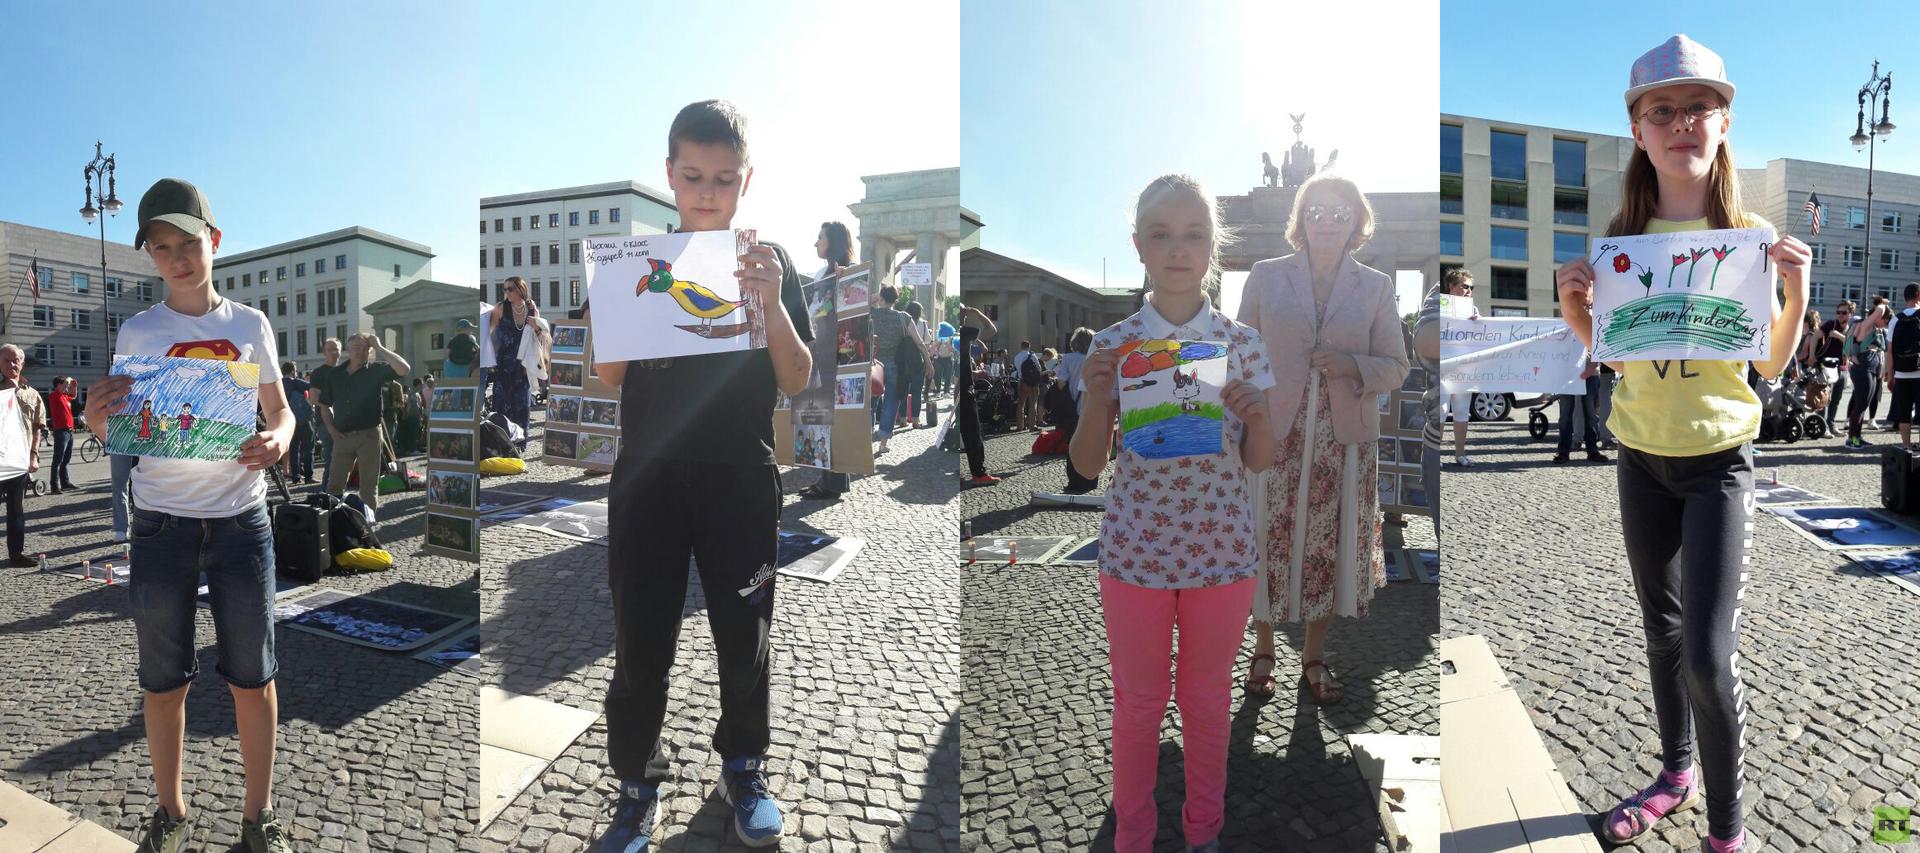 Gedenken an die Kriegsopfer im Donbass am Brandenburger Tor am Internationalen Kindertag